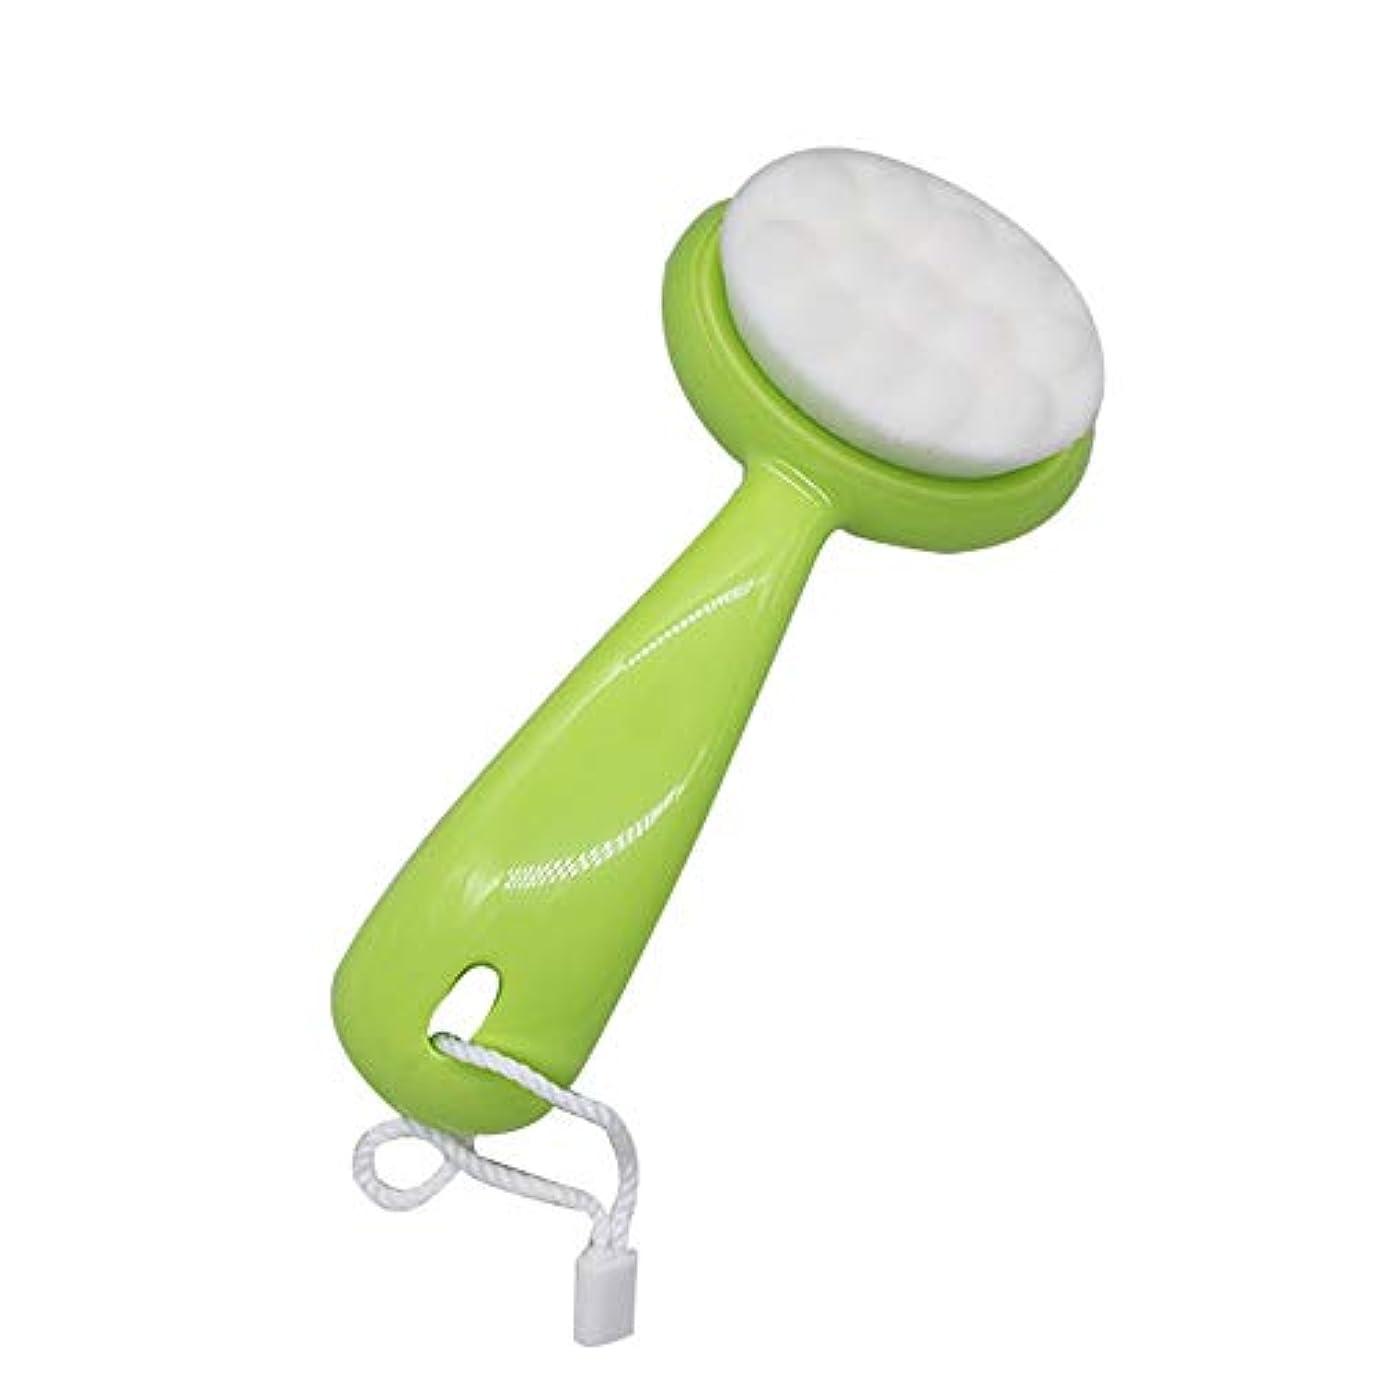 ストラトフォードオンエイボン素敵なフォークLYX ブラシ、マニュアルロングハンドル、ソフトの髪、クレンジングブラシ、ディープ毛穴クリーニングブラシ、クレンジング器、ブラックヘッド洗浄器の洗浄 (Color : 緑)